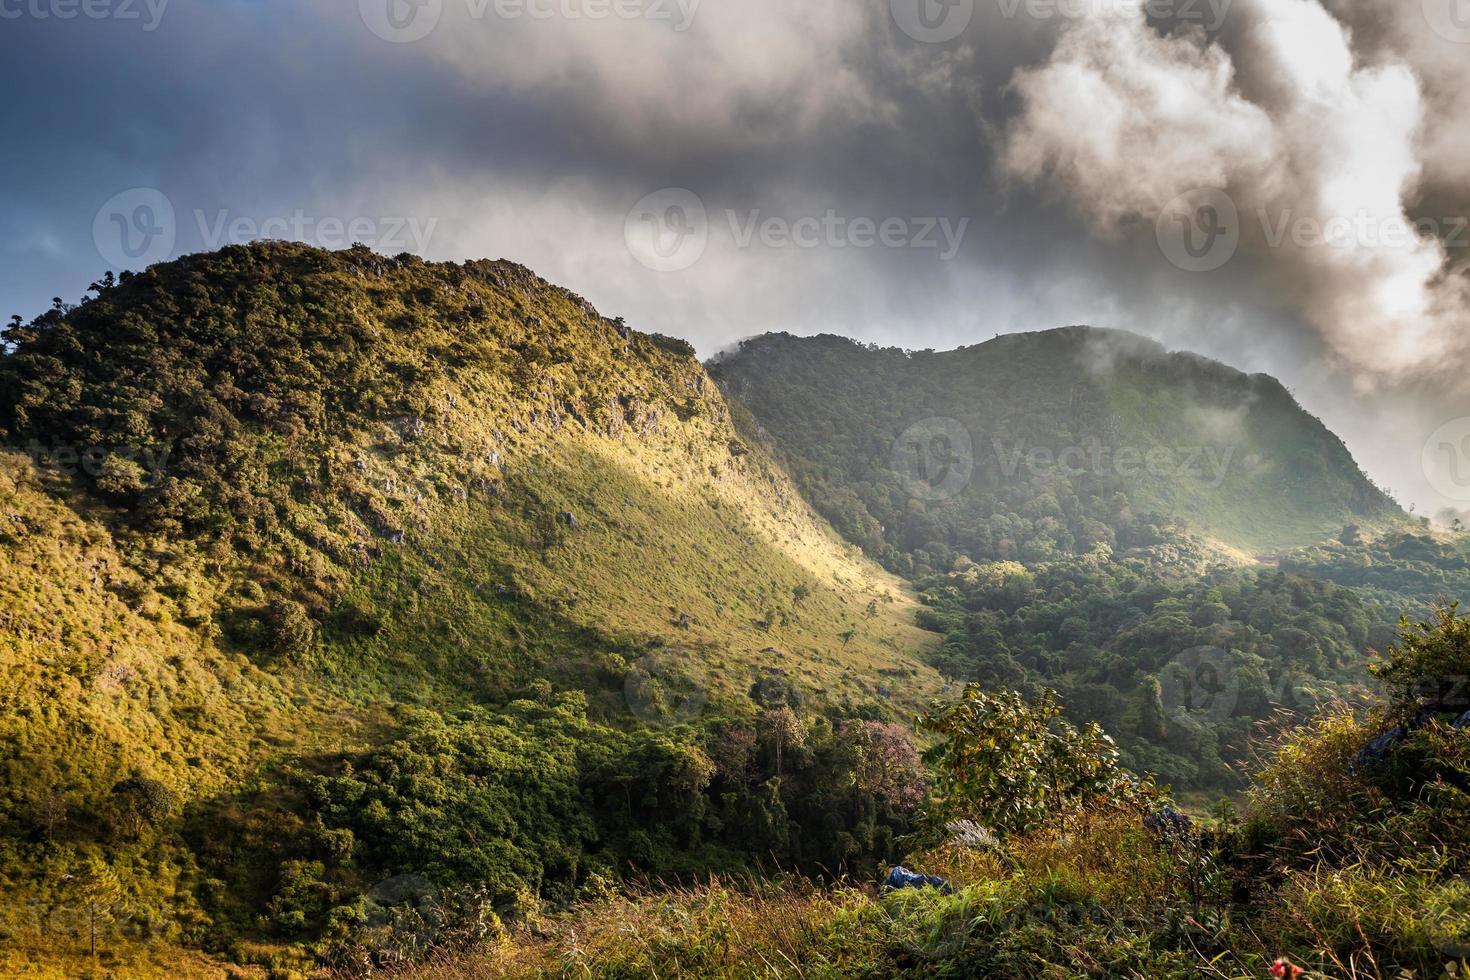 Berggipfel und regnerischer Nebel blauer Himmel foto